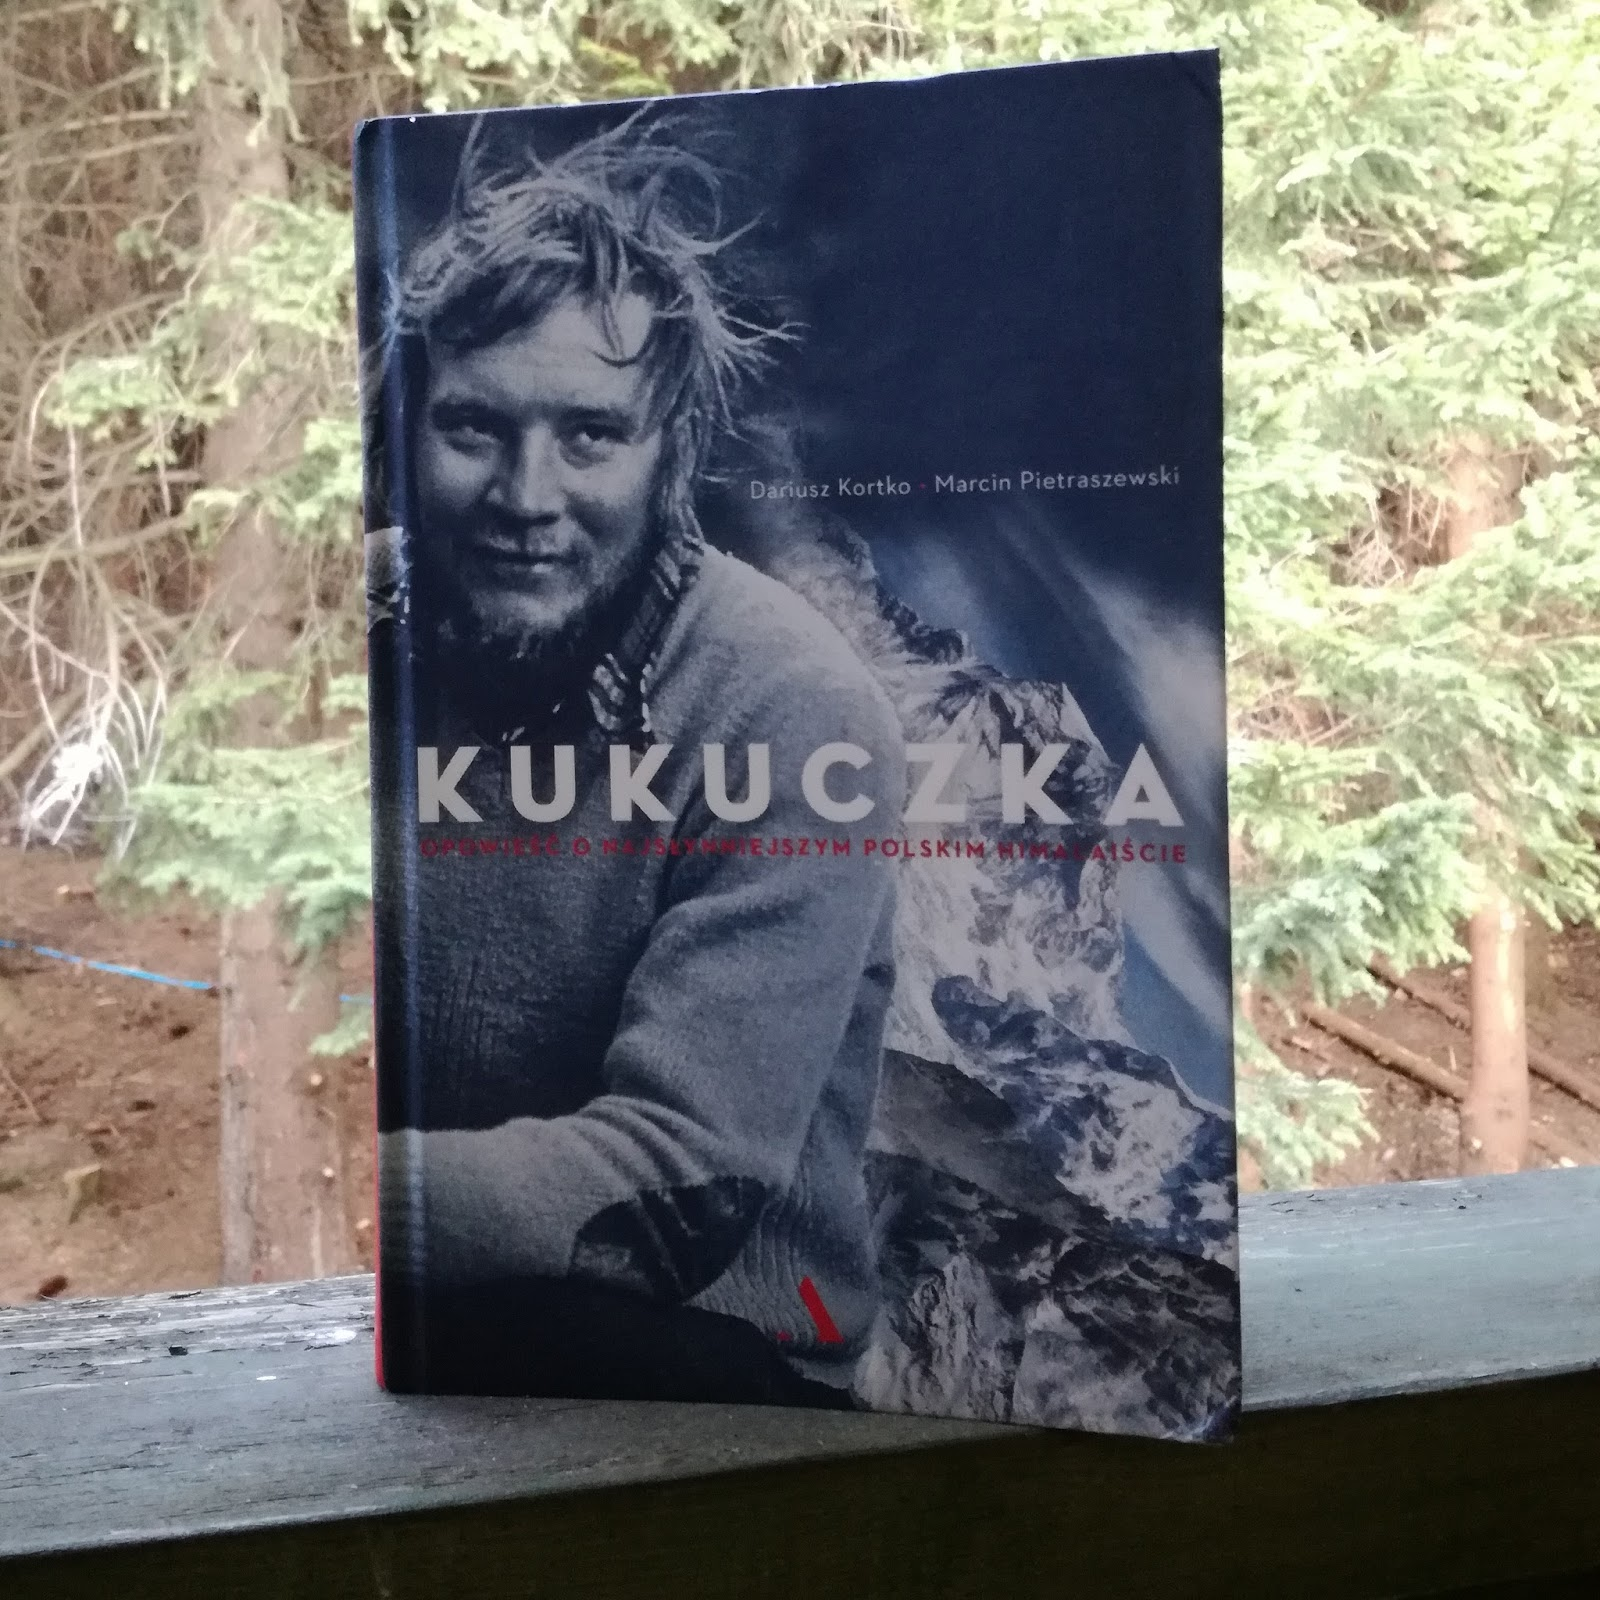 """(Nie)śmiertelny Kukuczka. """"Kukuczka. Opowieść o najsłynniejszym polskim himalaiście"""" Dariusz Kortko, Marcin Pietraszewski"""